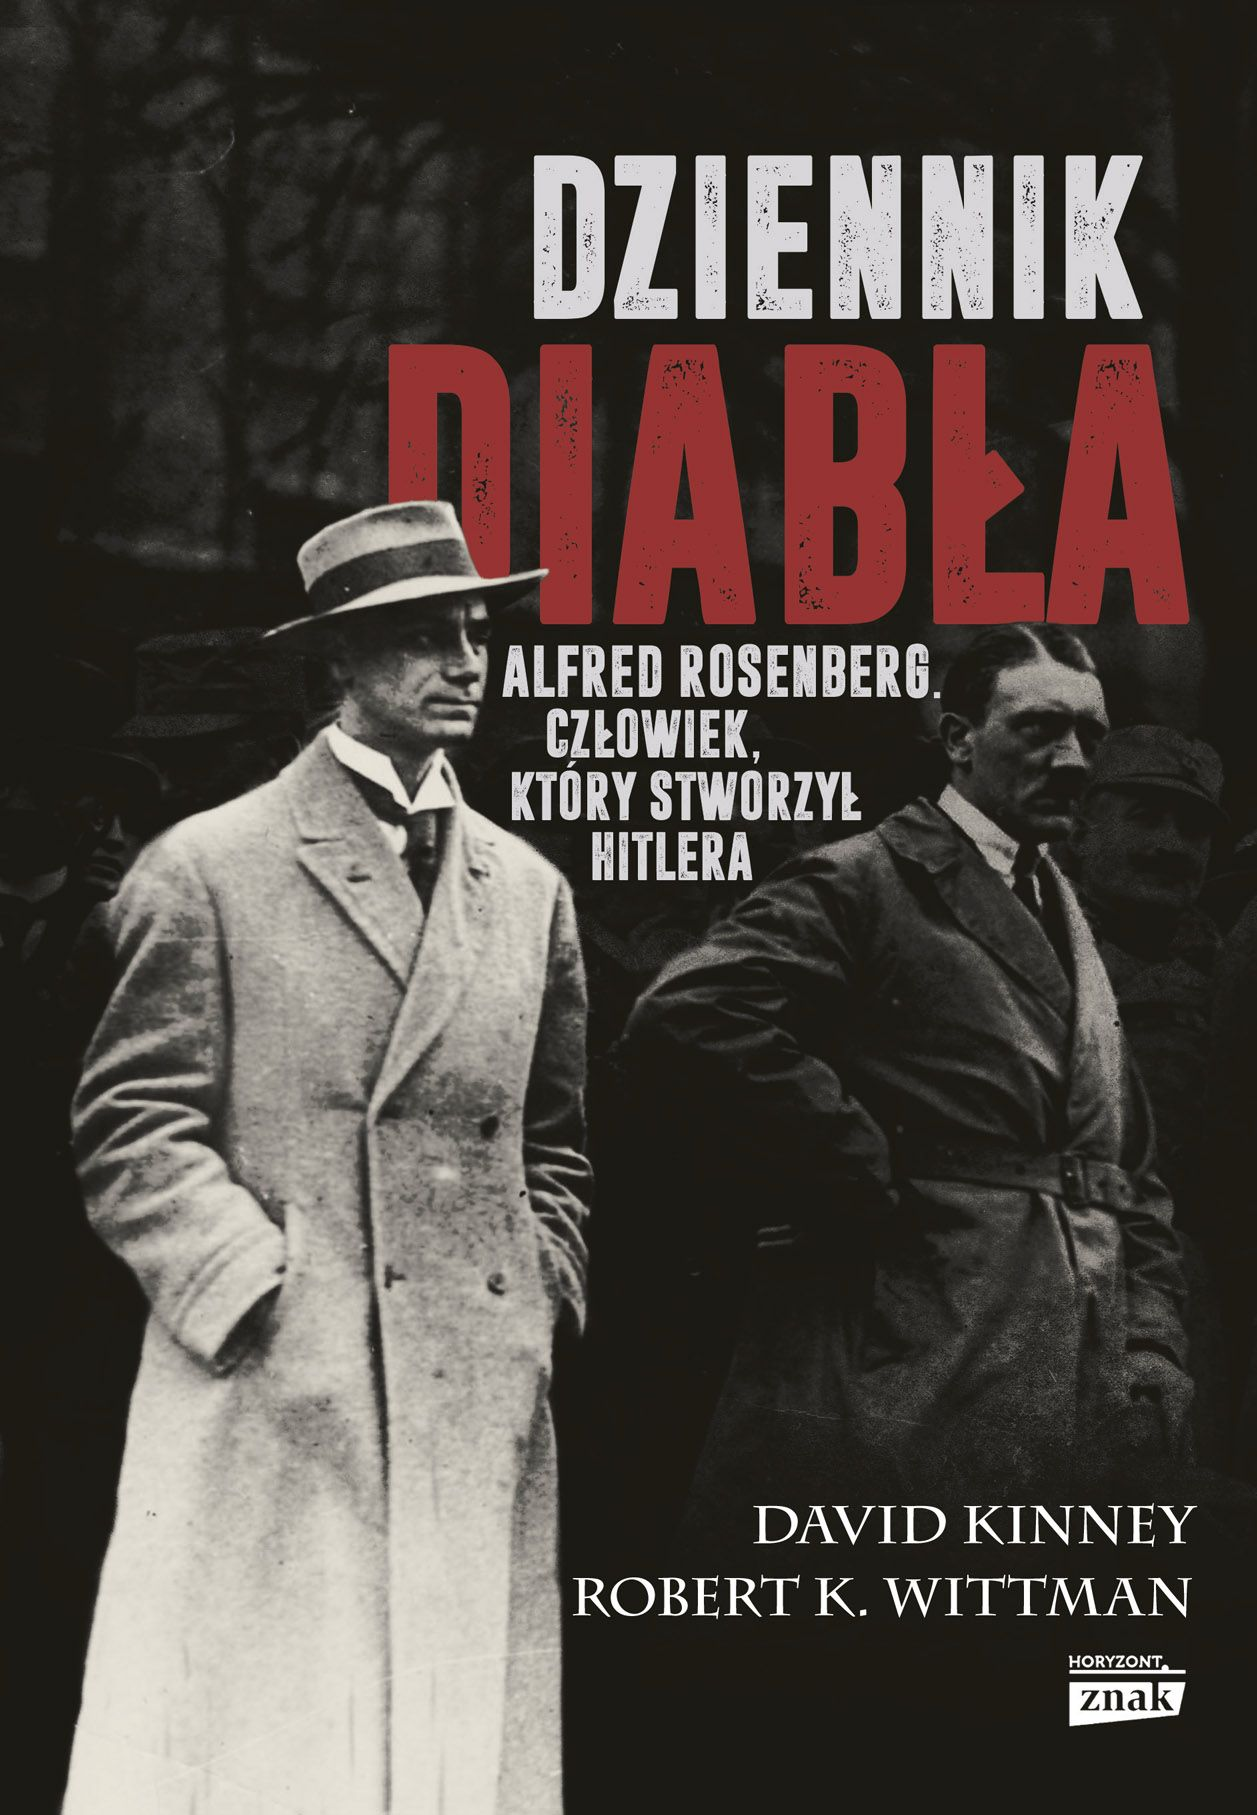 """Artykuł powstał między innymi w oparciu o książkę Davida Kinney'a i Roberta K. Wittmana """"Dziennik diabła"""", wydaną nakładem wydawnictwa Znak Horyzont."""